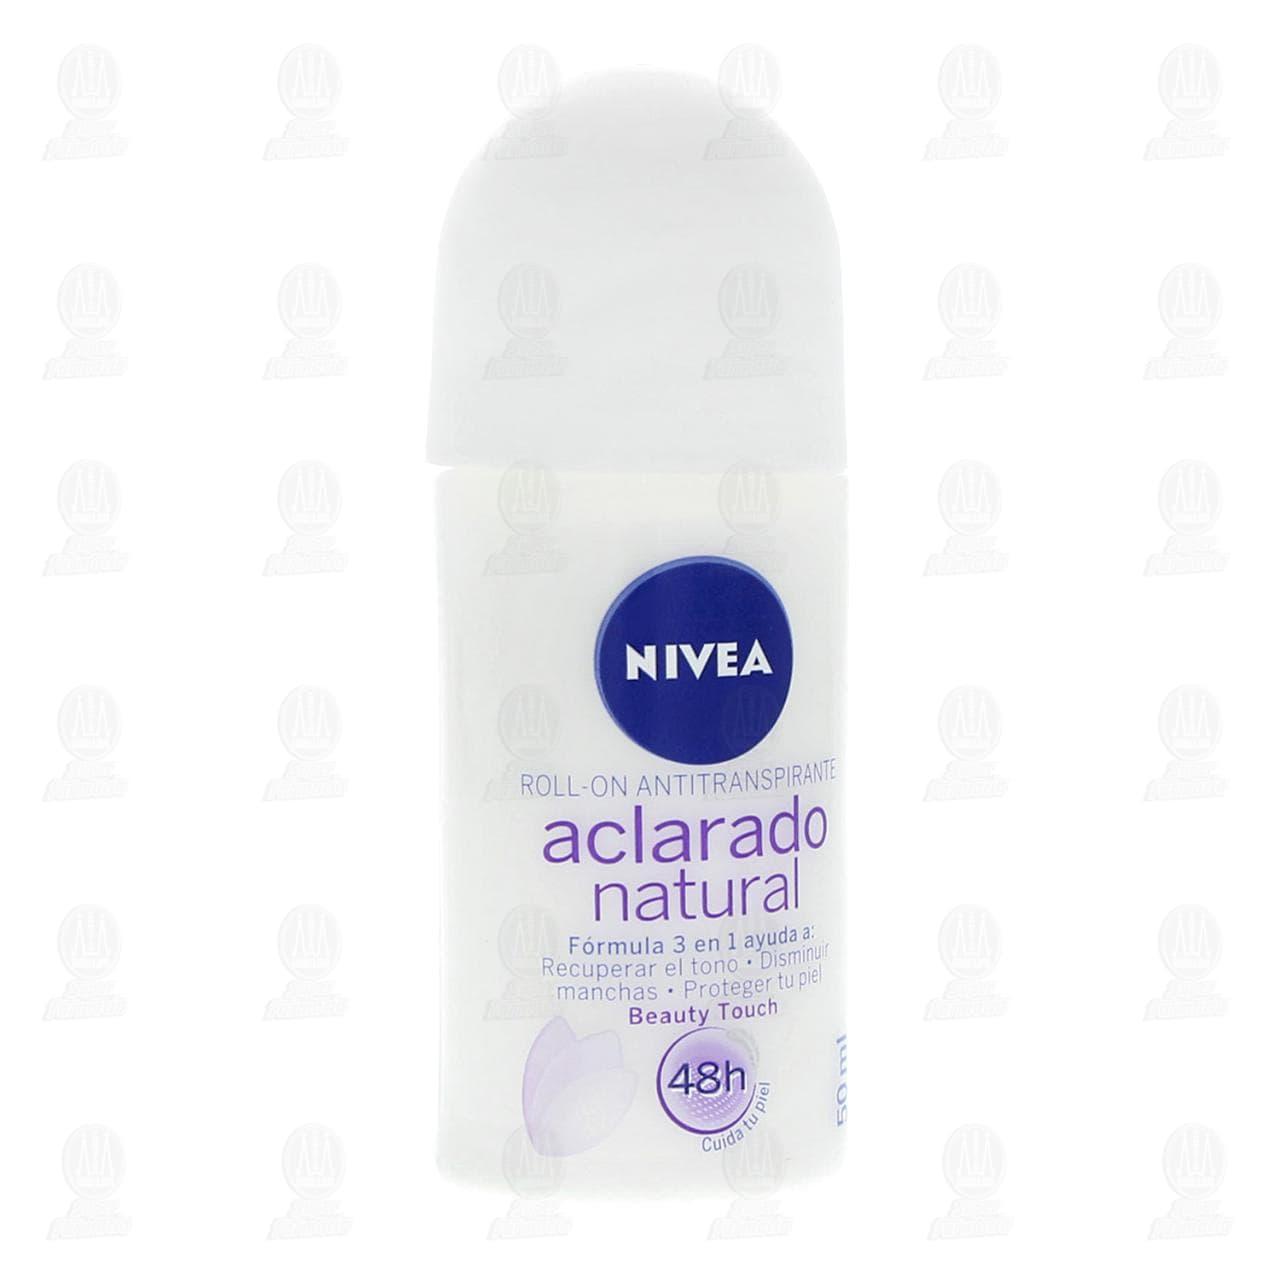 comprar https://www.movil.farmaciasguadalajara.com/wcsstore/FGCAS/wcs/products/1155431_A_1280_AL.jpg en farmacias guadalajara